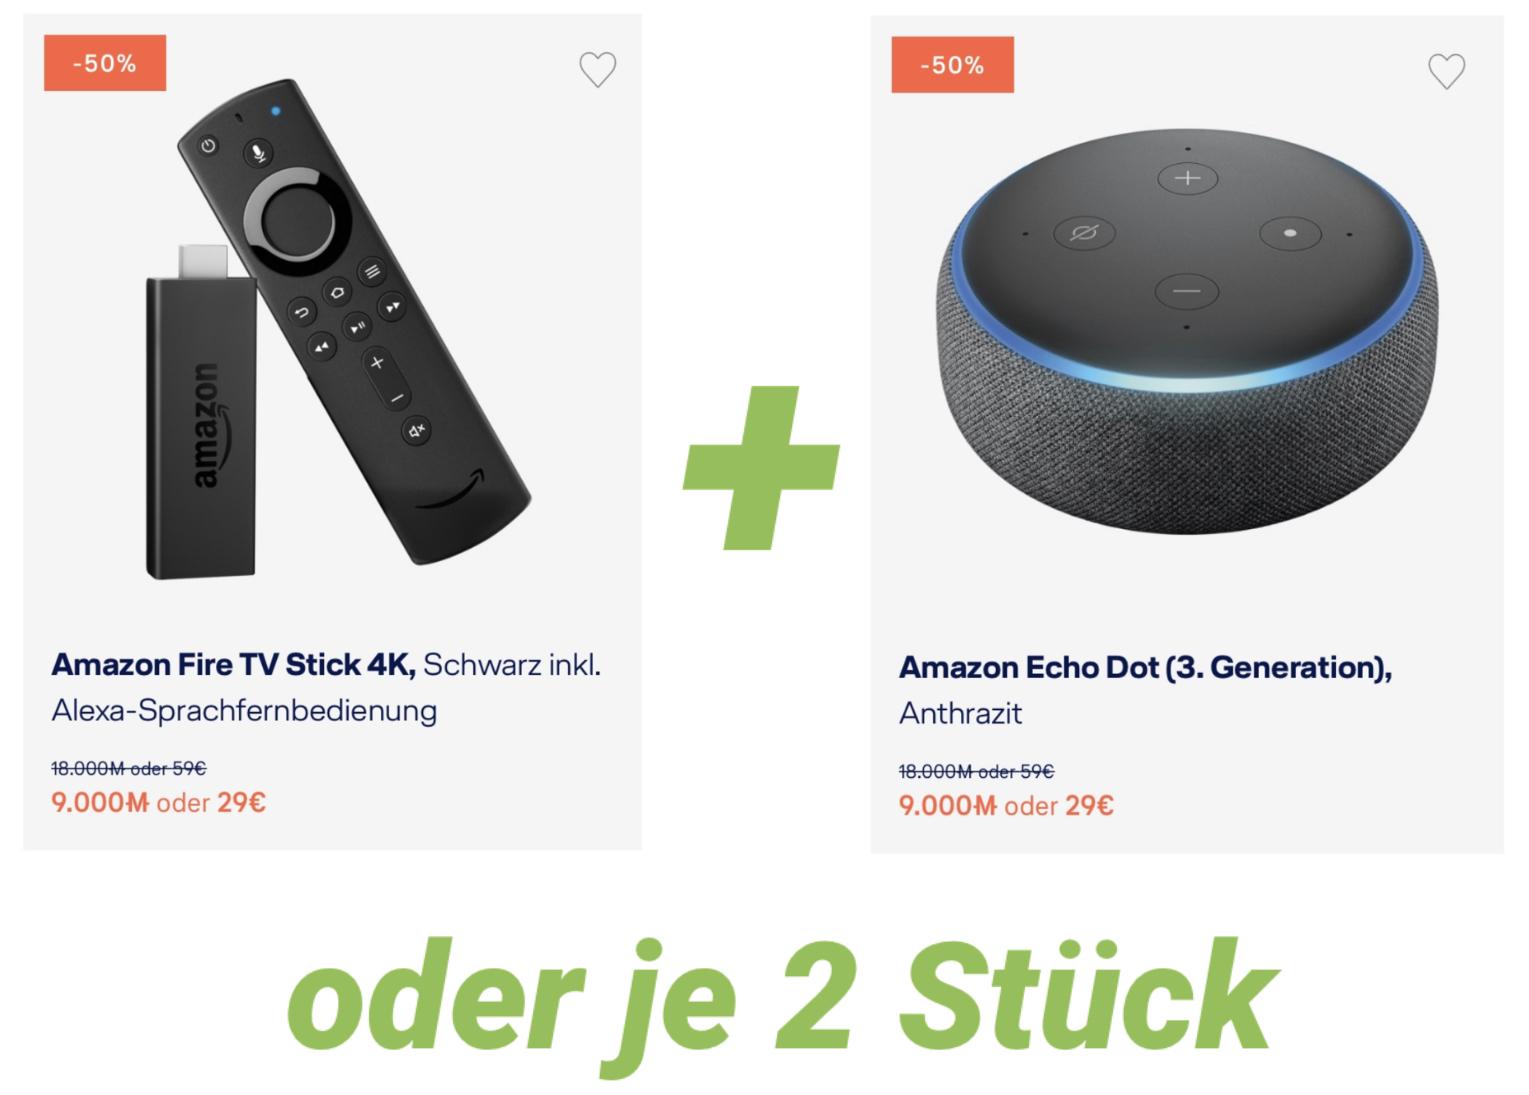 Amazon Fire TV 4K + Echo Dot 3 oder 2x Fire TV 4K bzw. 2x Echo Dot 3 für 53,95€ inkl. Versandkosten (evtl. nur mit Kreditkarte)